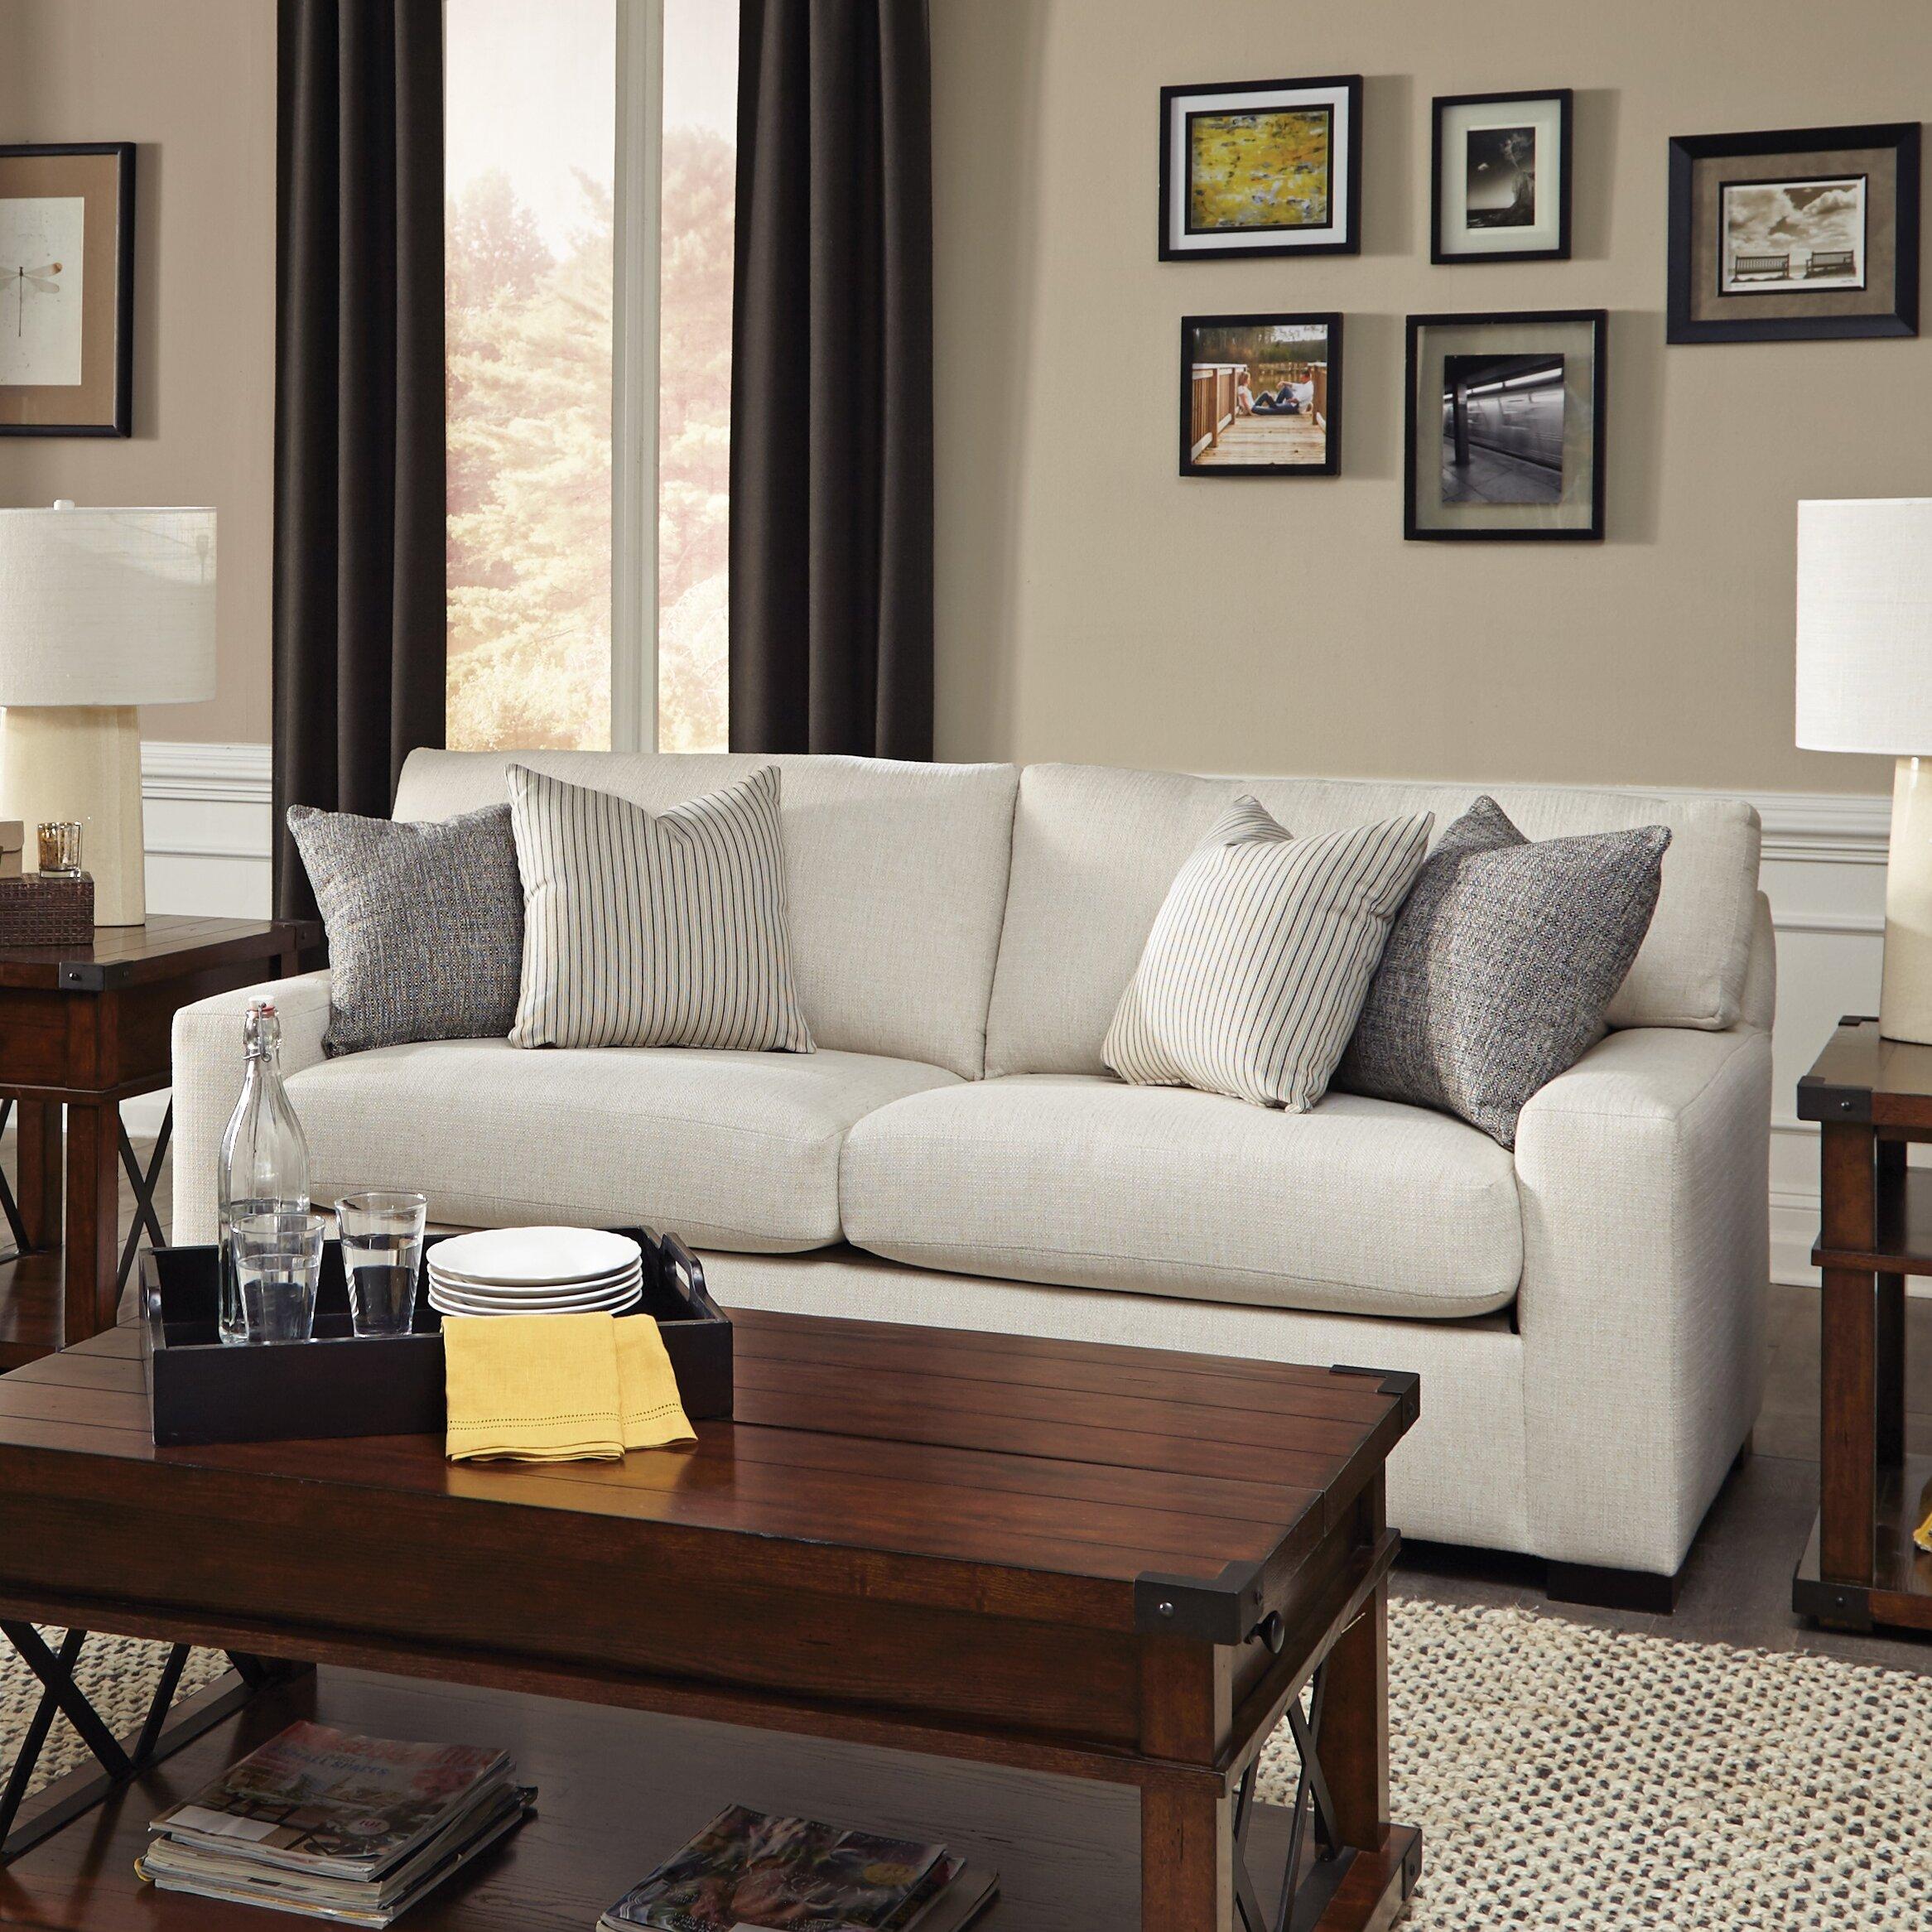 overnight sofa wayfair rh wayfair com IKEA Sleeper Sofa Full Sleeper Sofa